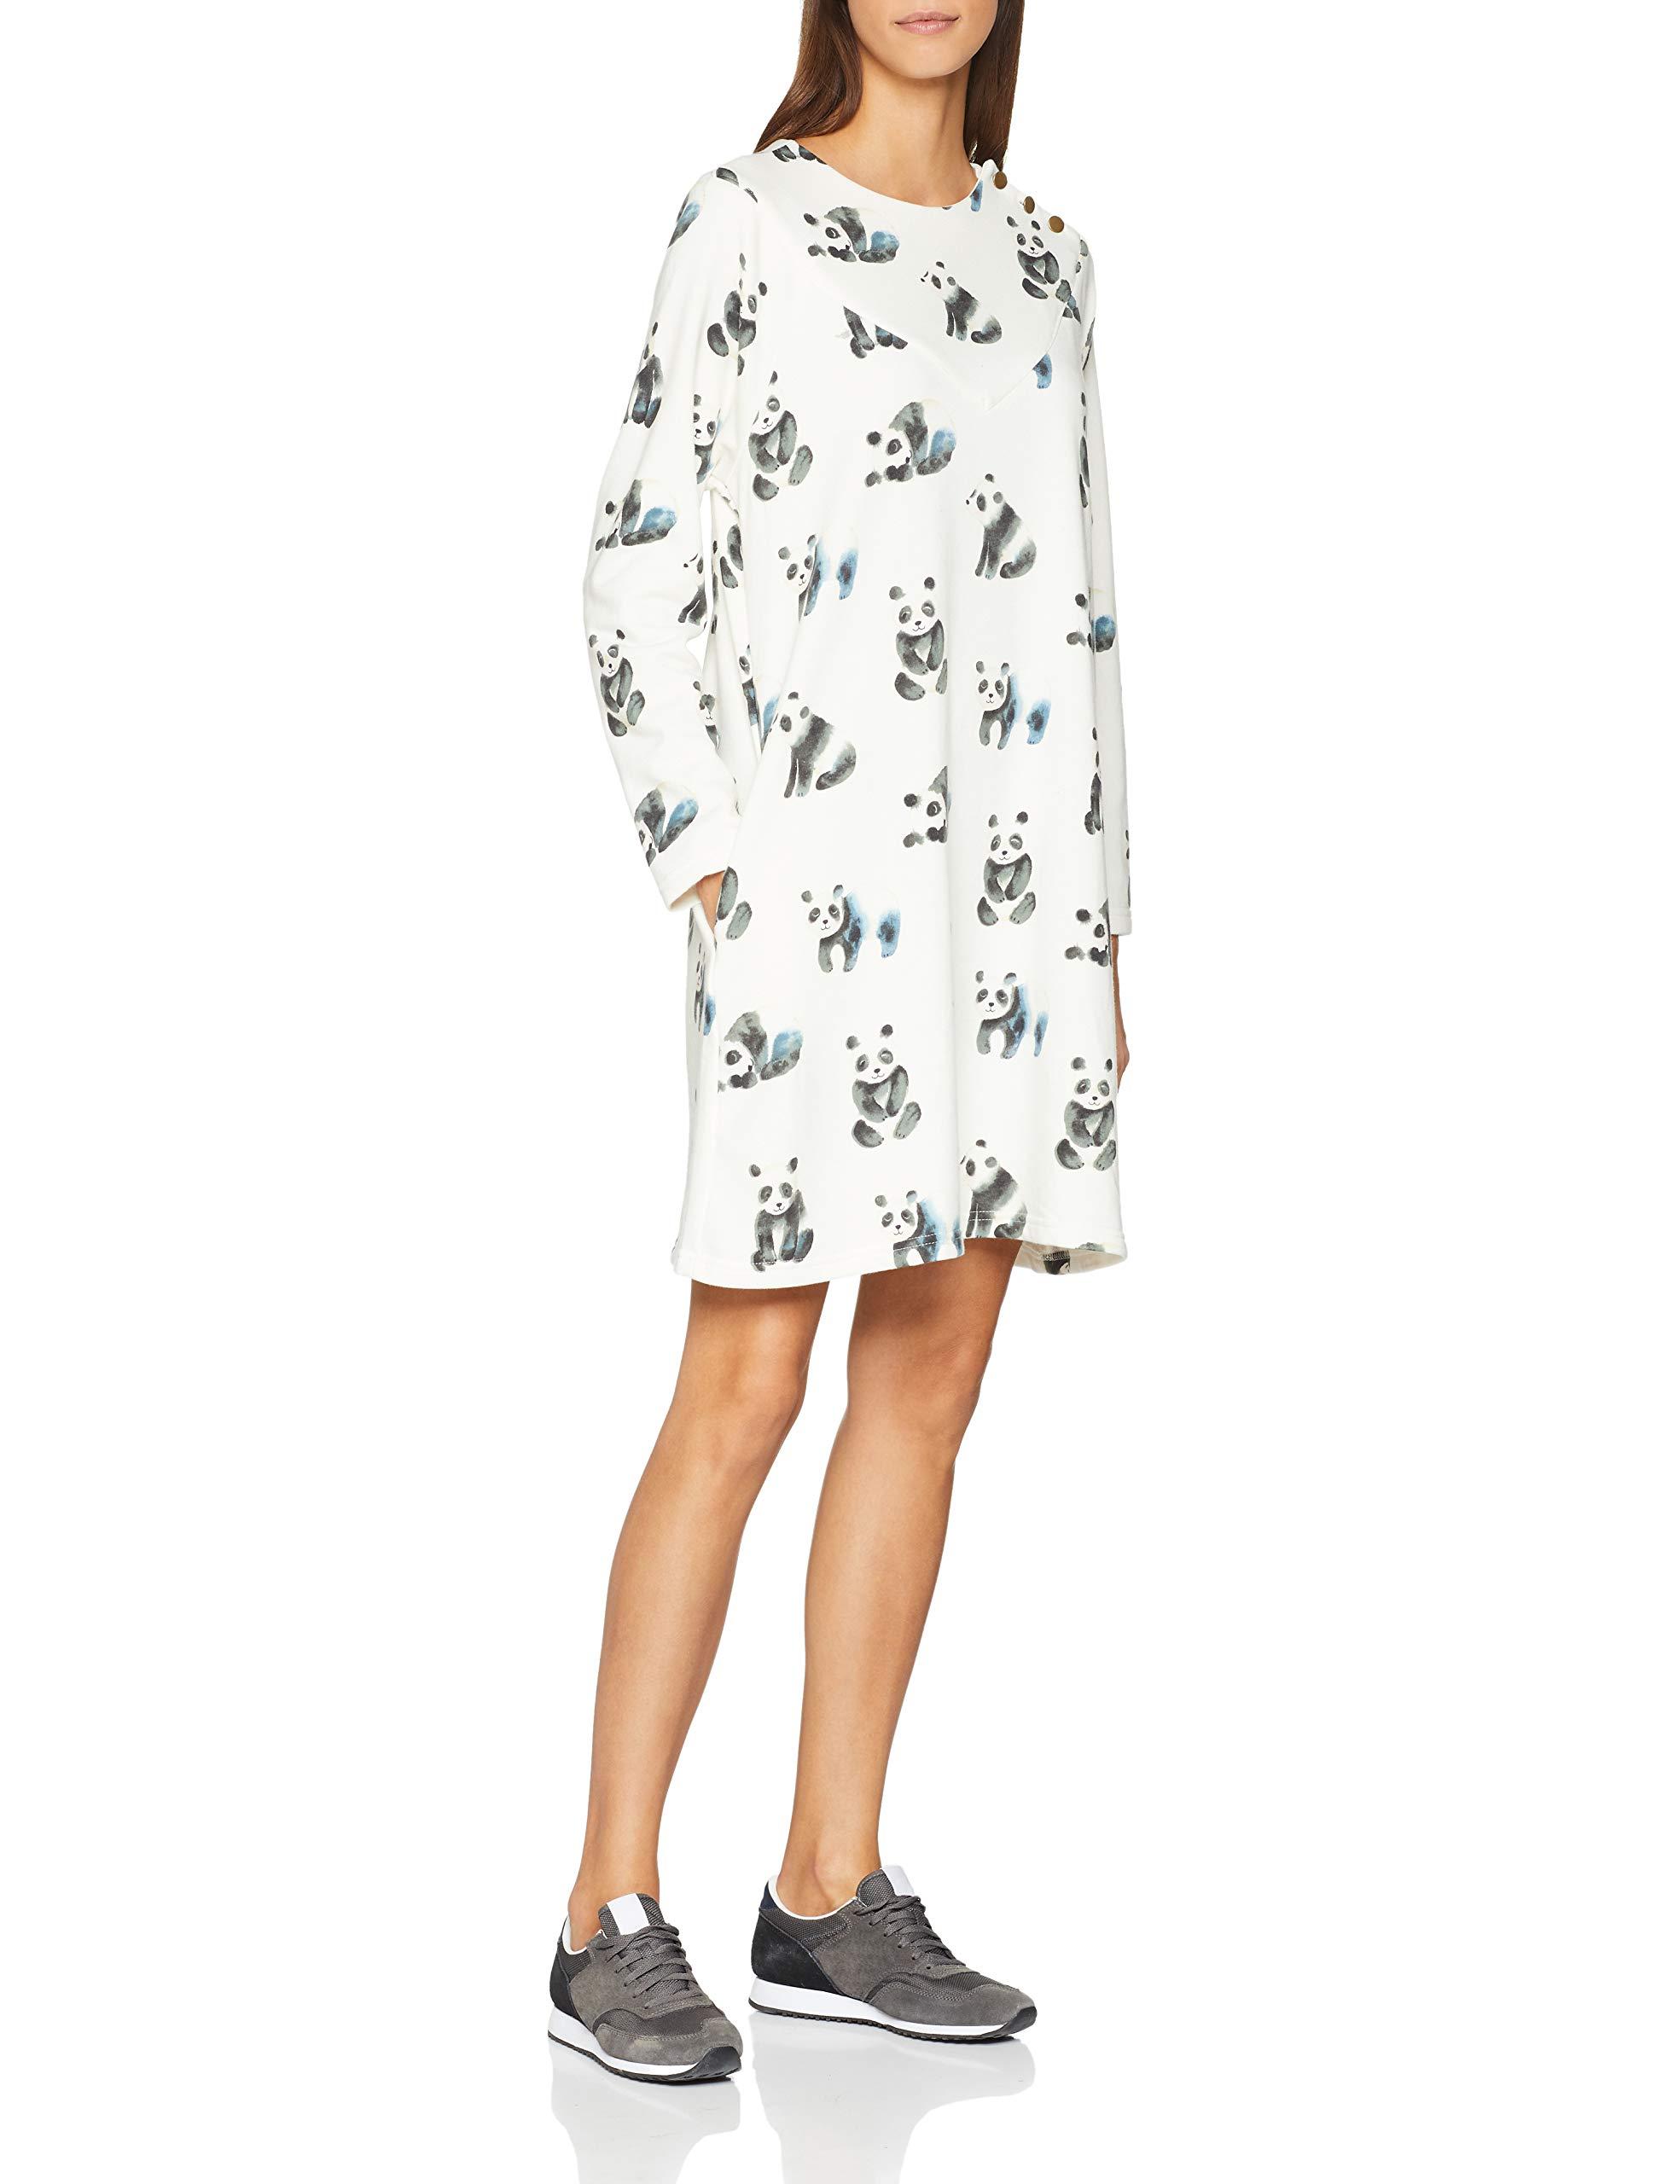 038 taille smallFemme Fabricant Pepaloves Dress RobeBlancpanda ZPXkiu